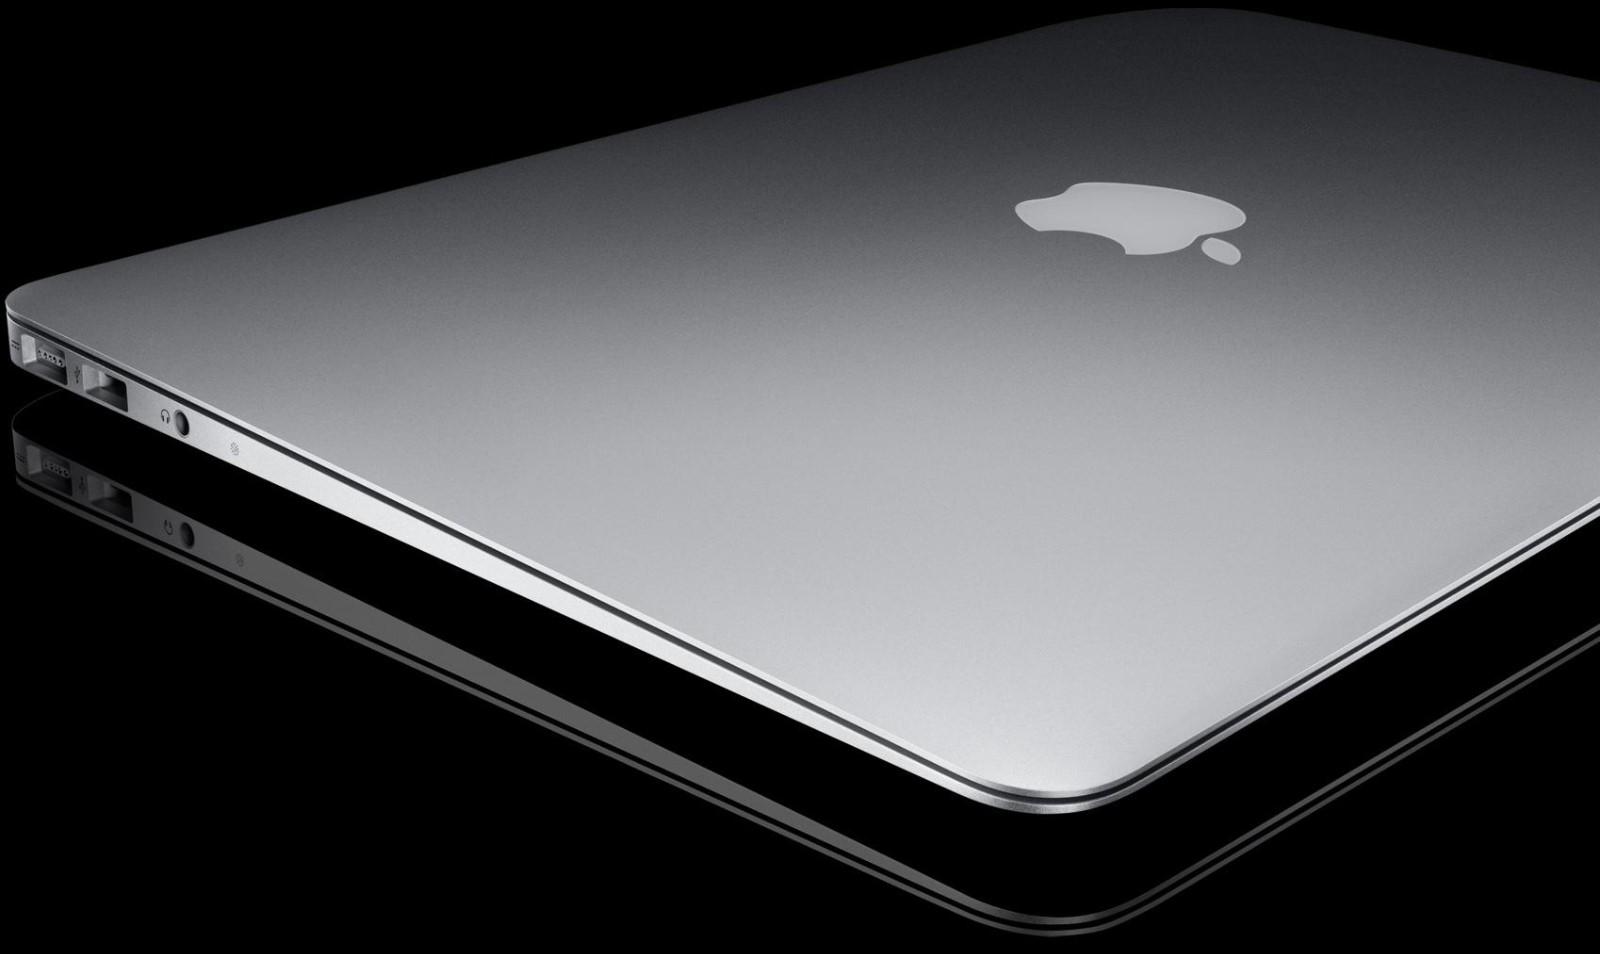 macOS微小更新  修复视频会议软件Zoom 摄像头安全漏洞